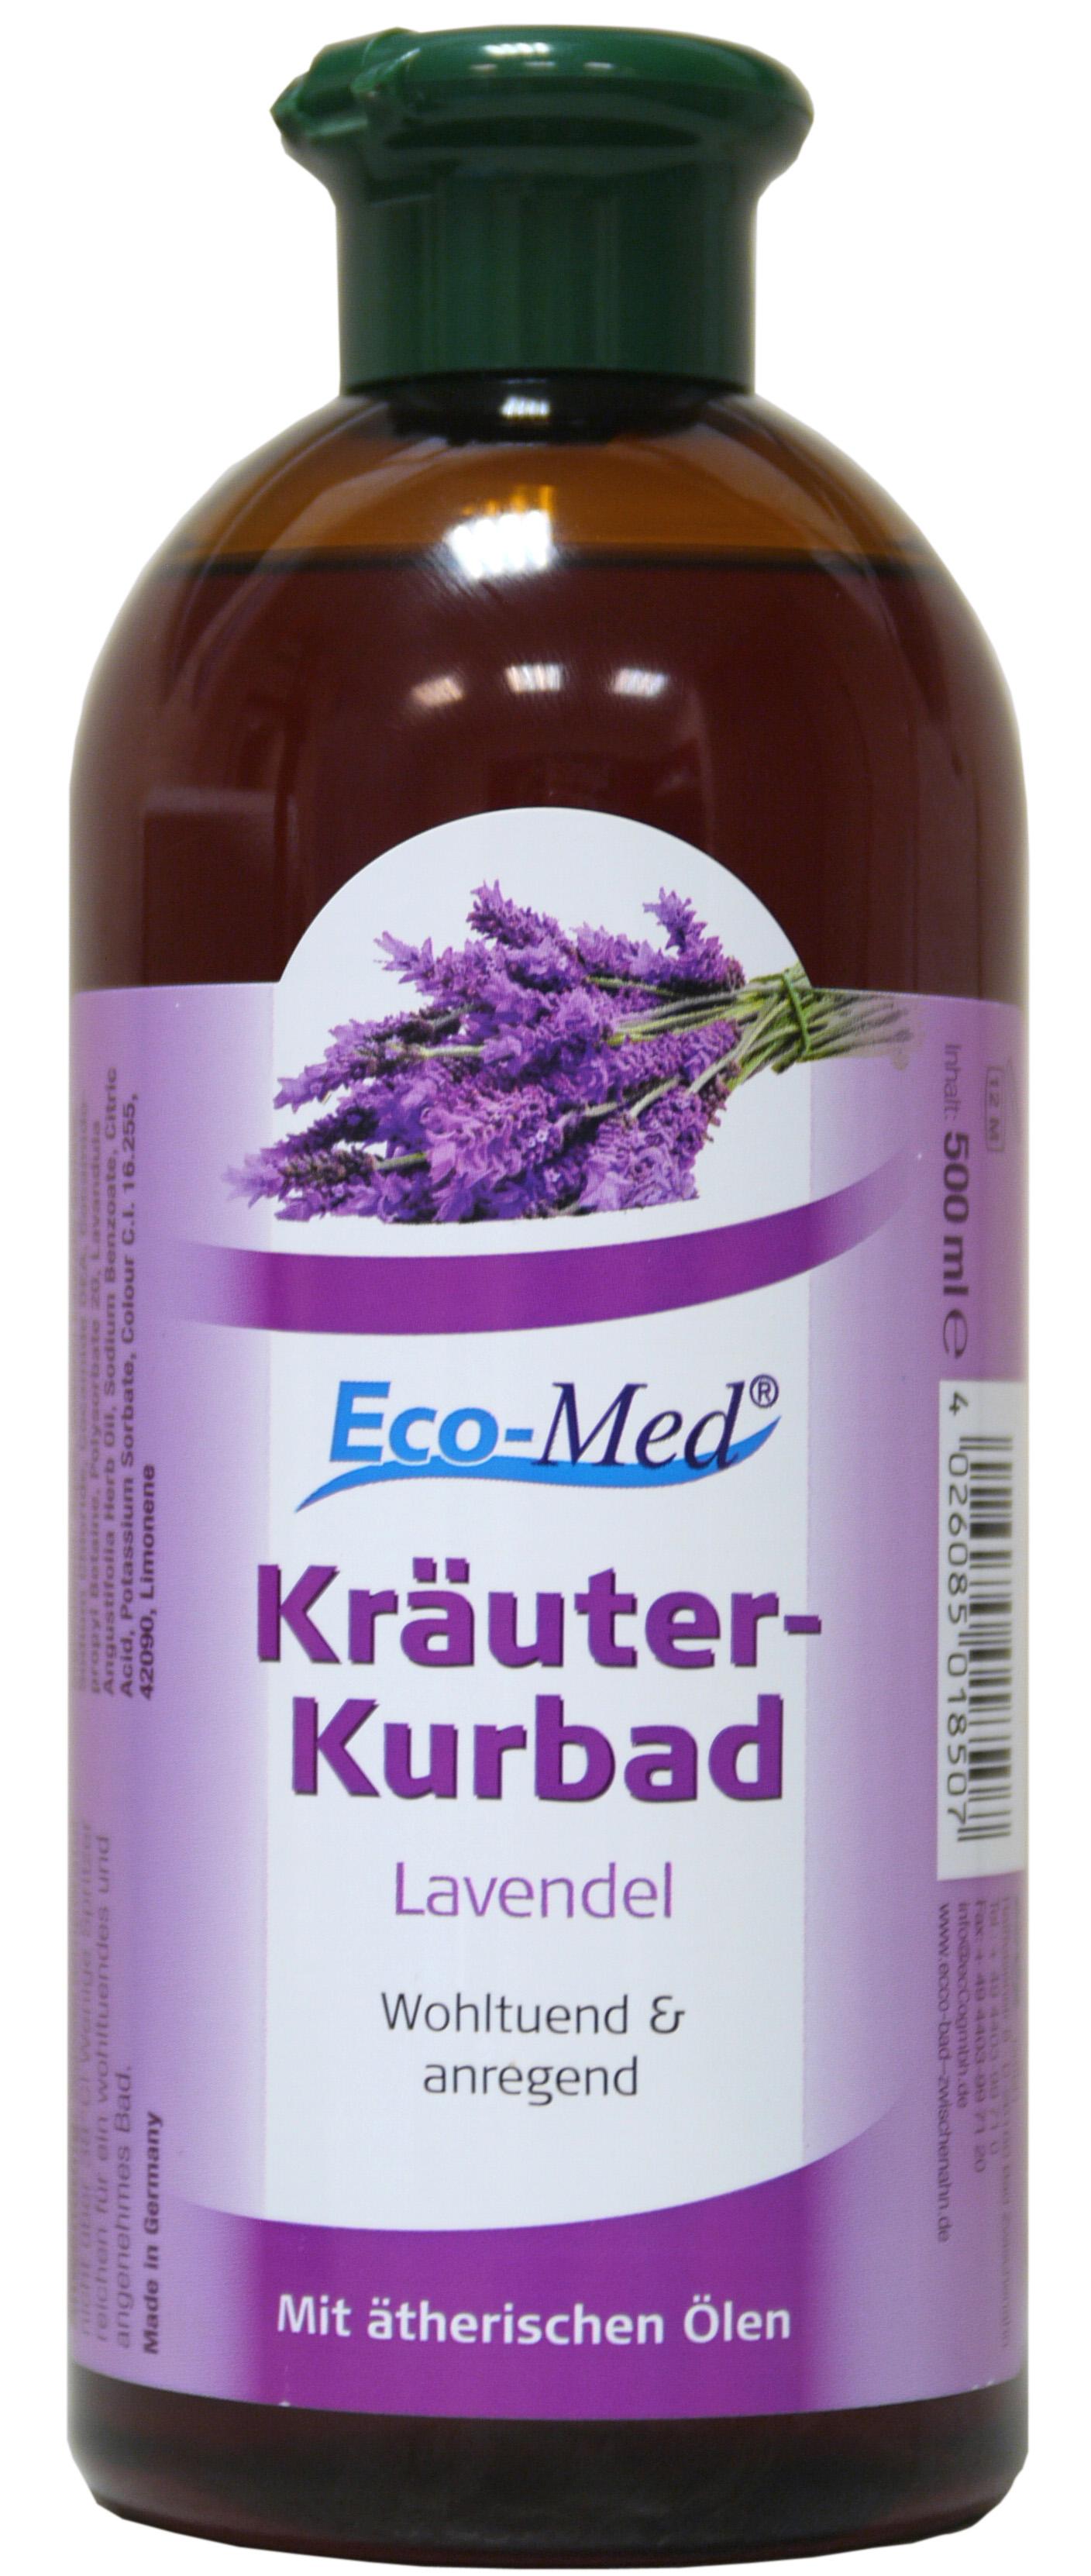 01850 - Eco-Med Kräuterkurbad 500 ml Lavendel